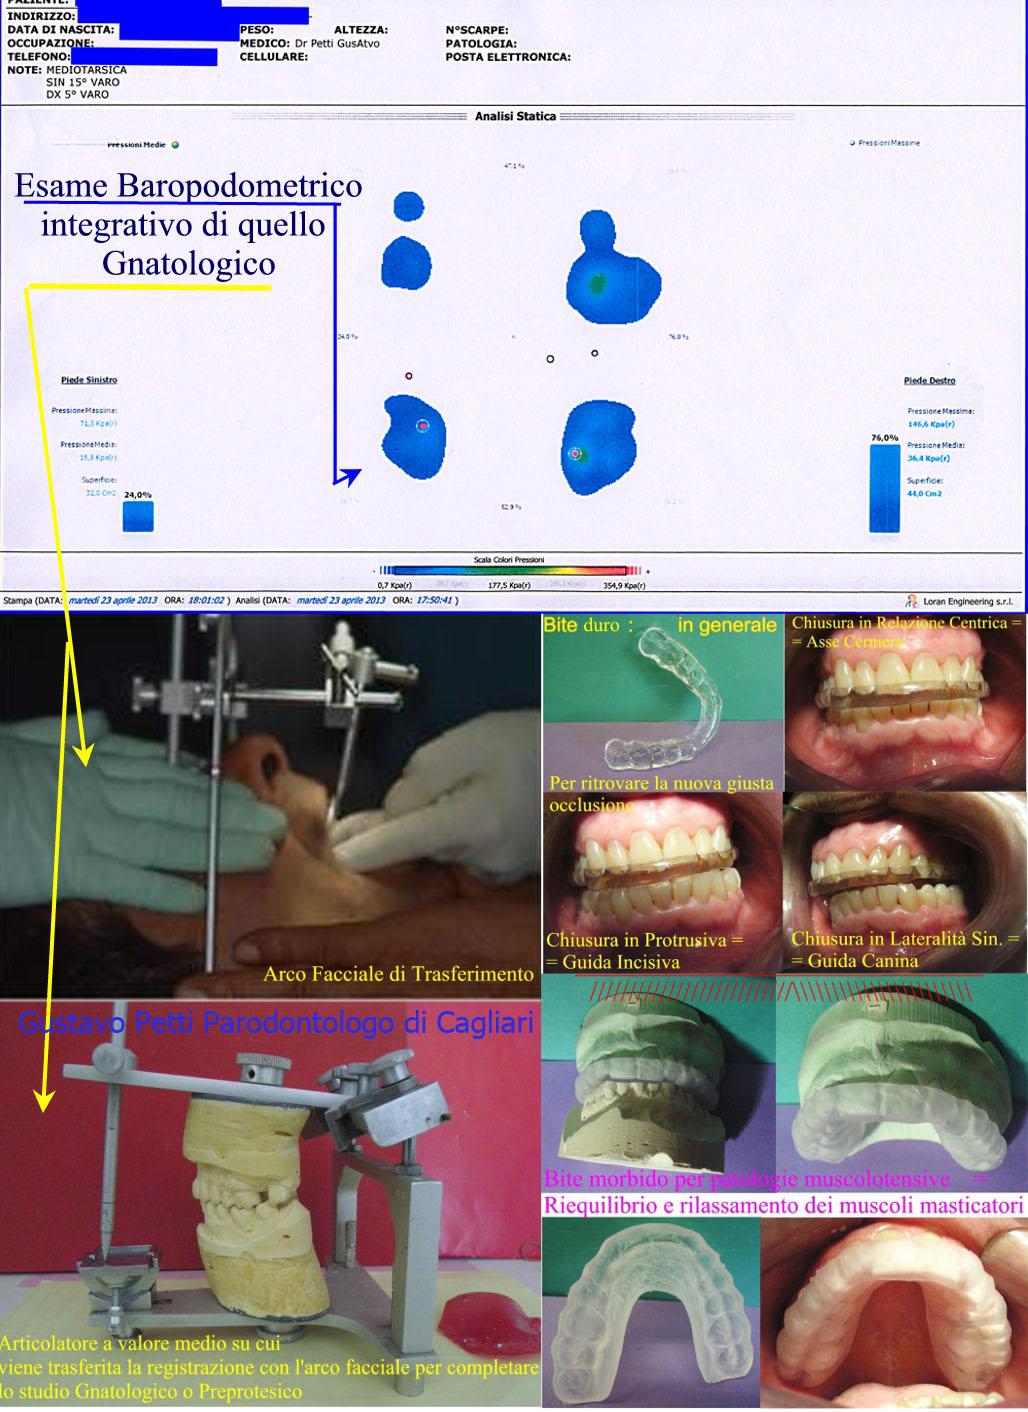 gnatologia-dr-g.petti-cagliari-57.jpg